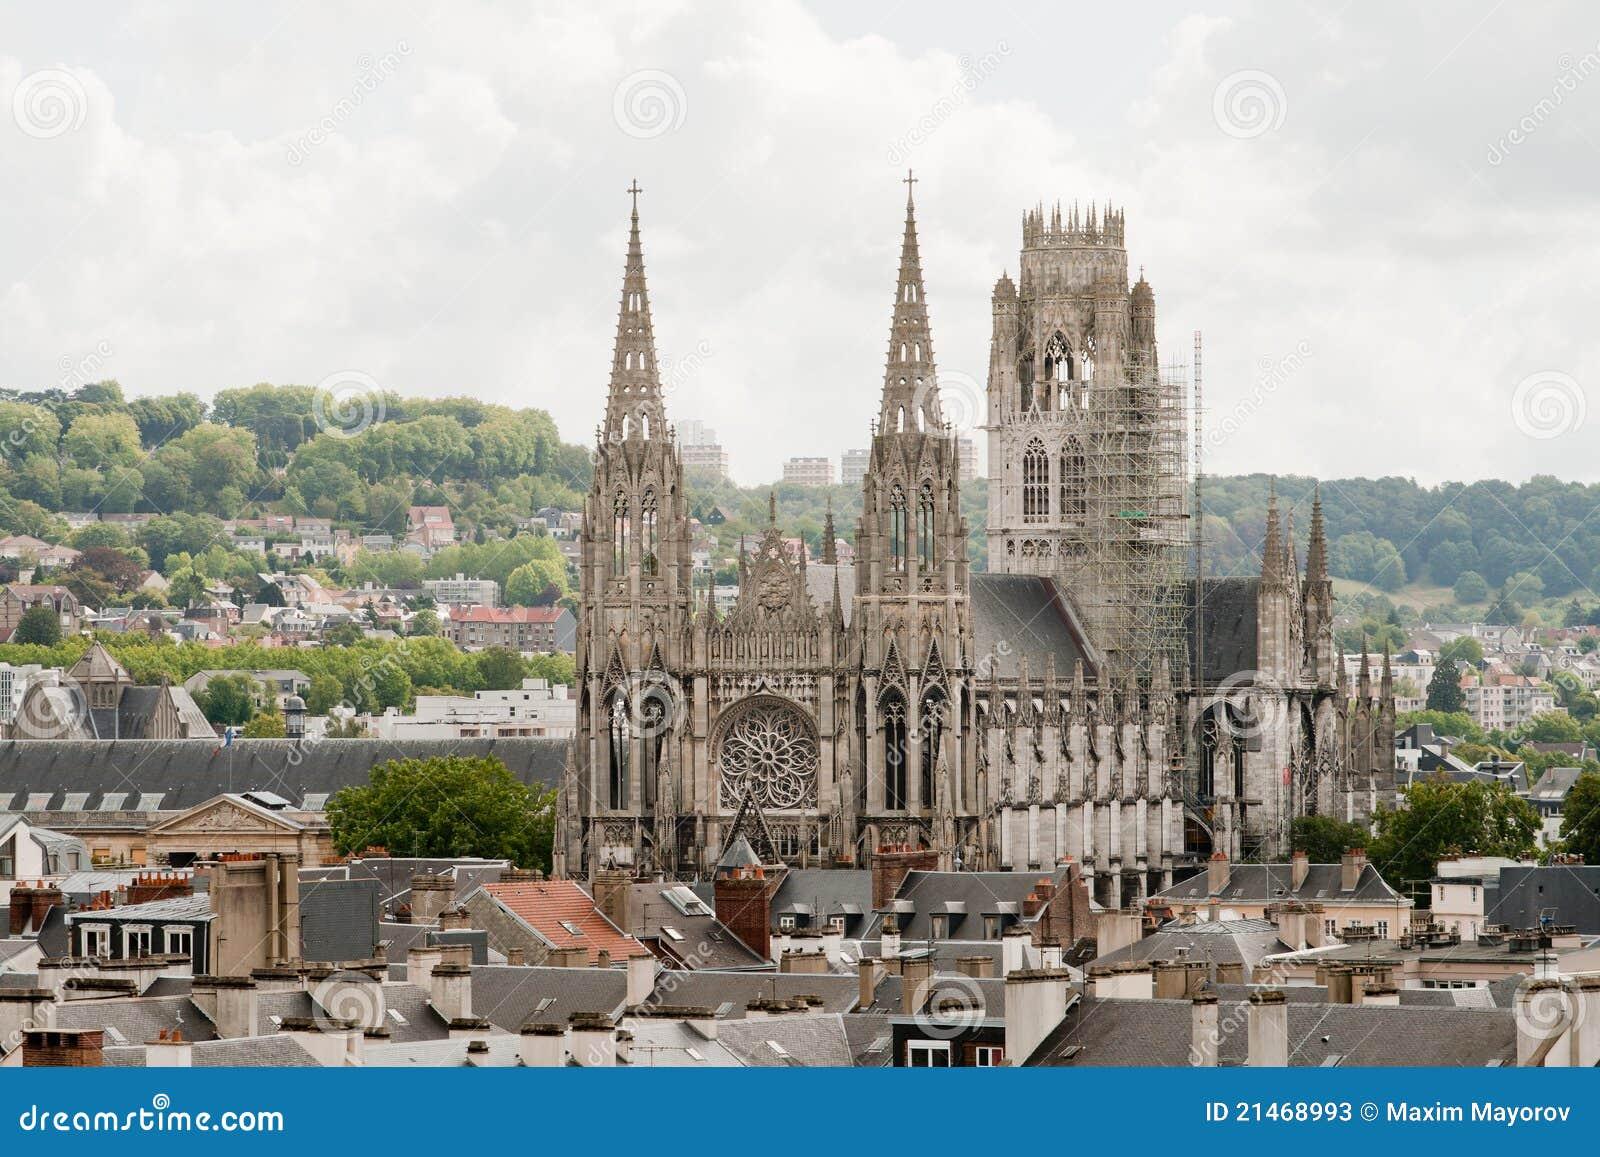 Kathedraal In Rouen Frankrijk Stock Afbeelding Afbeelding Bestaande Uit Toeristisch